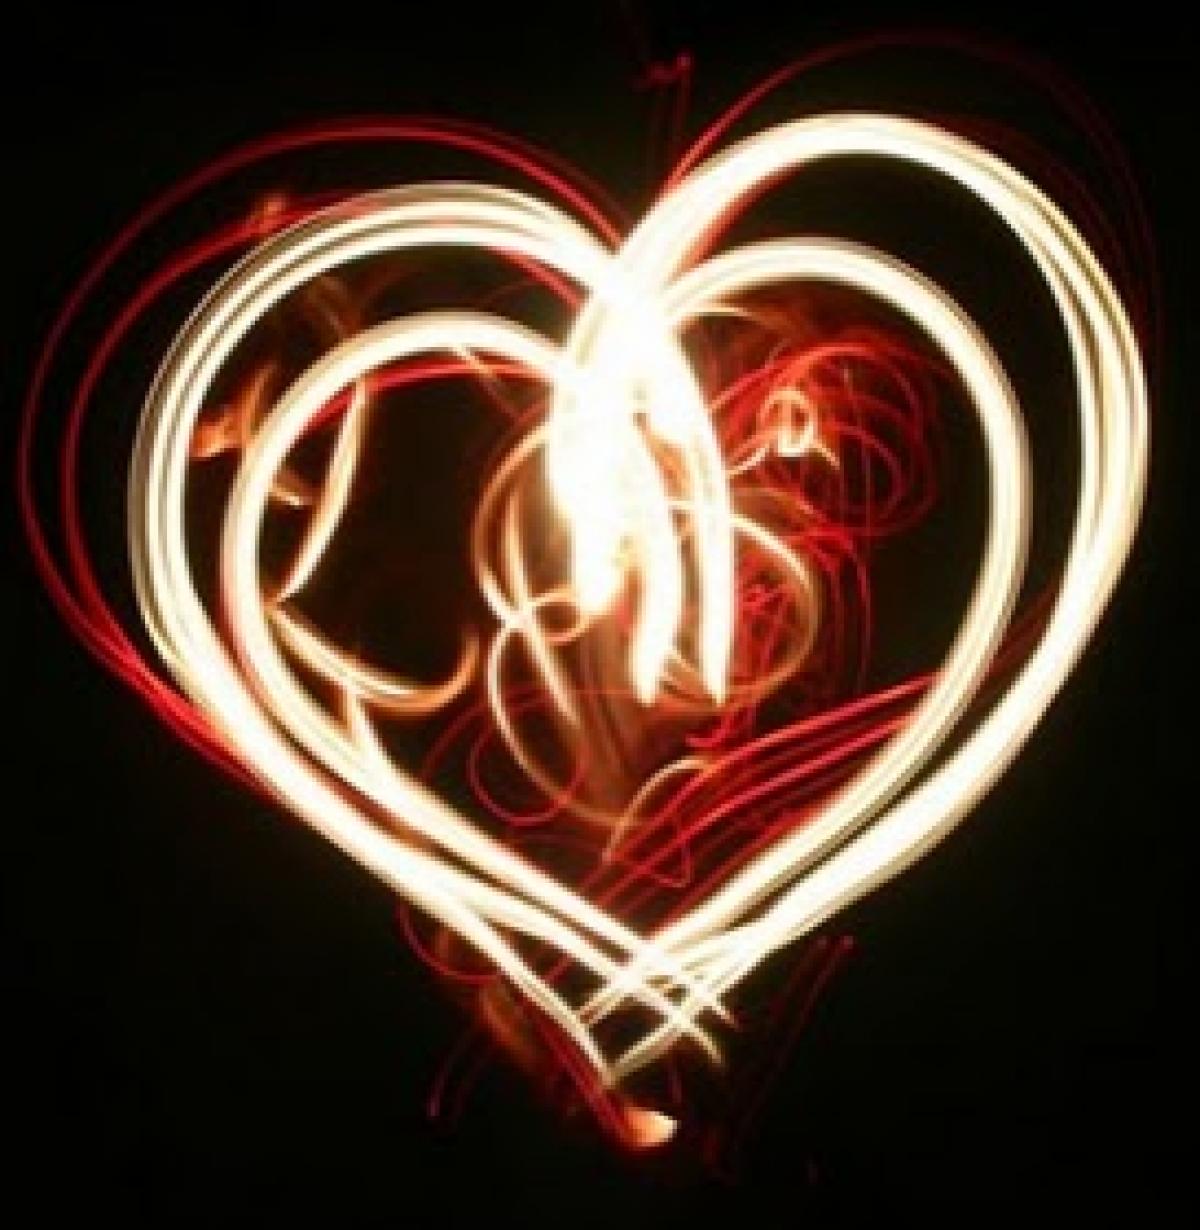 Μια καρδιά, διαφορετική!